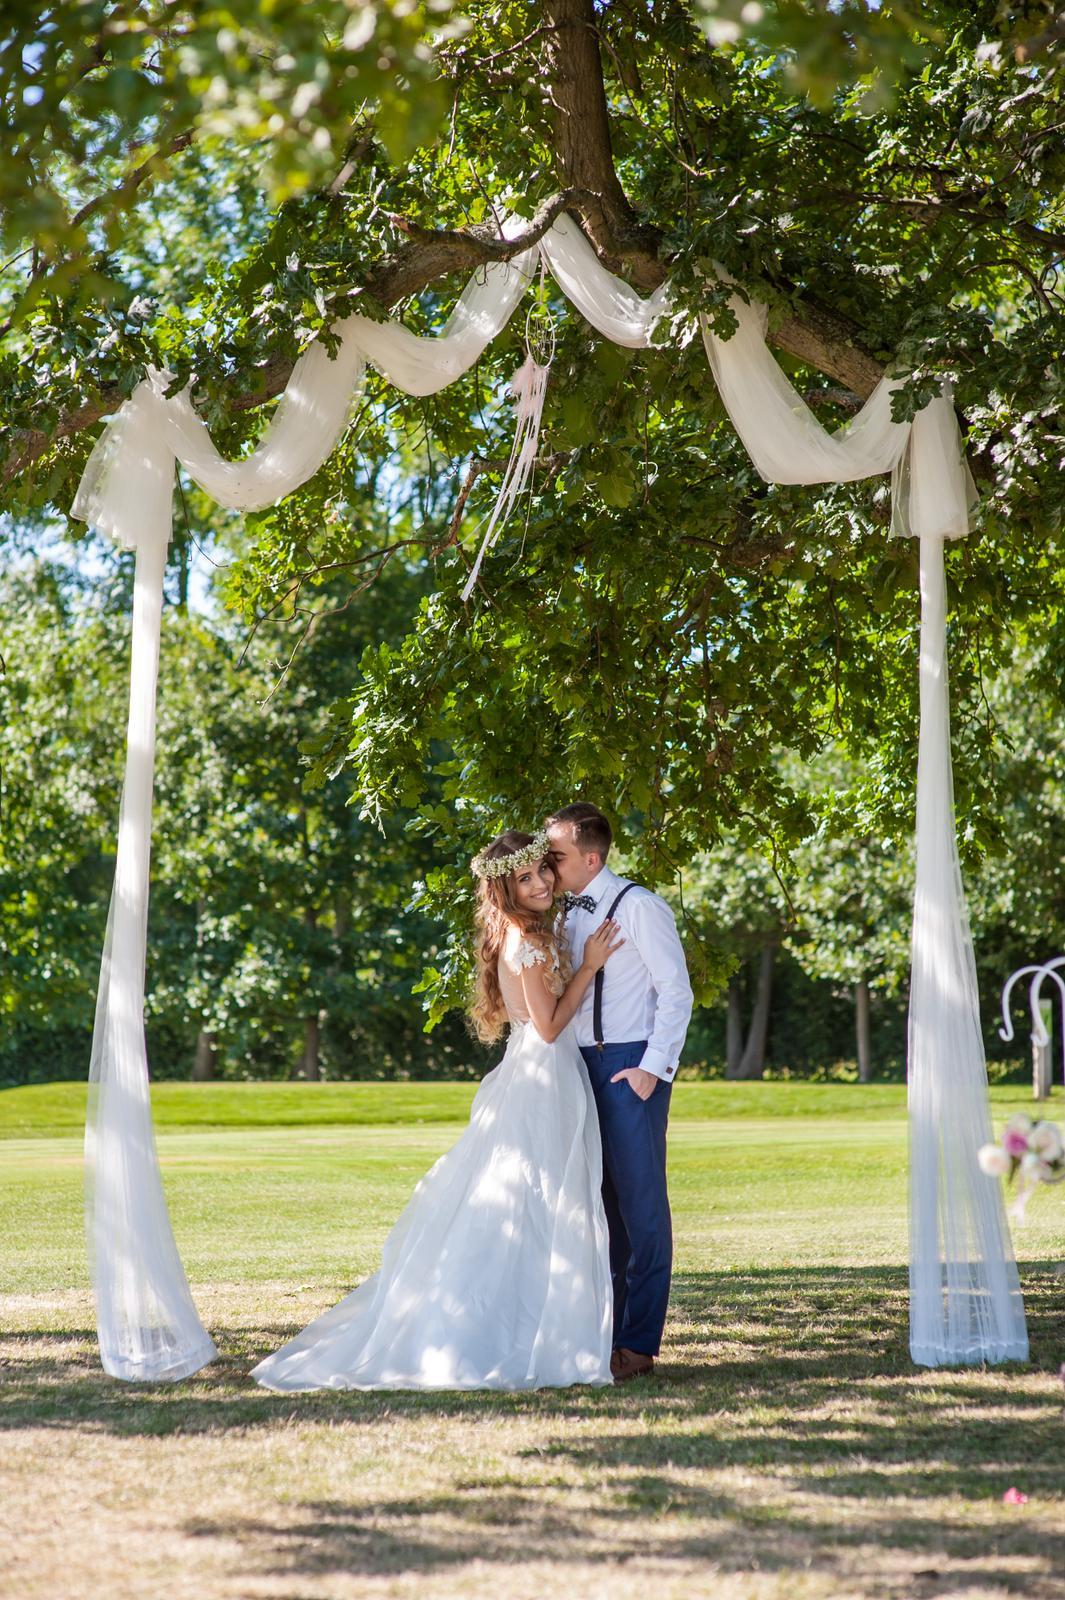 Wedding ♥ - Obrázek č. 67